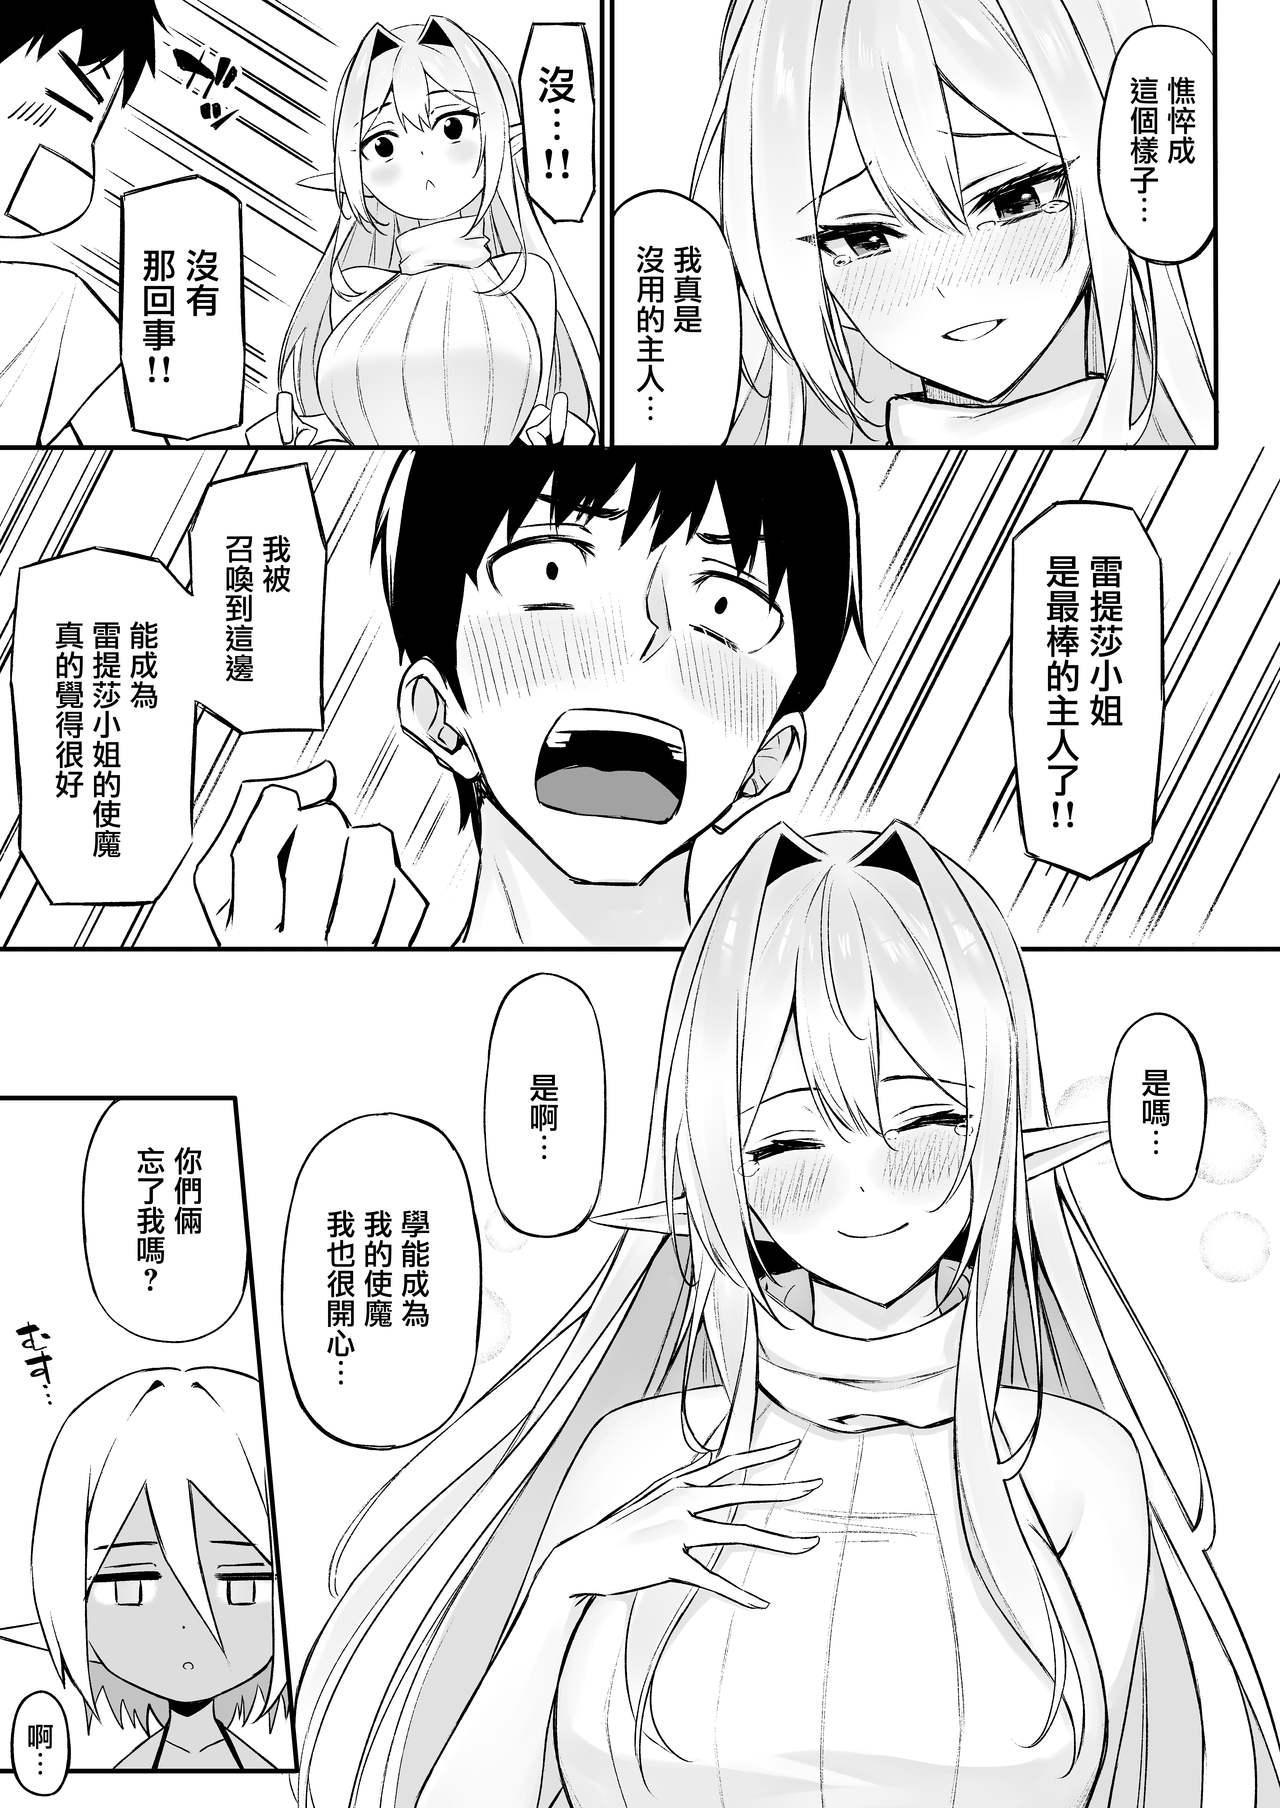 Isekai Shoukan III Elf na Onee-sanTachi Ha Suki desuka? 13